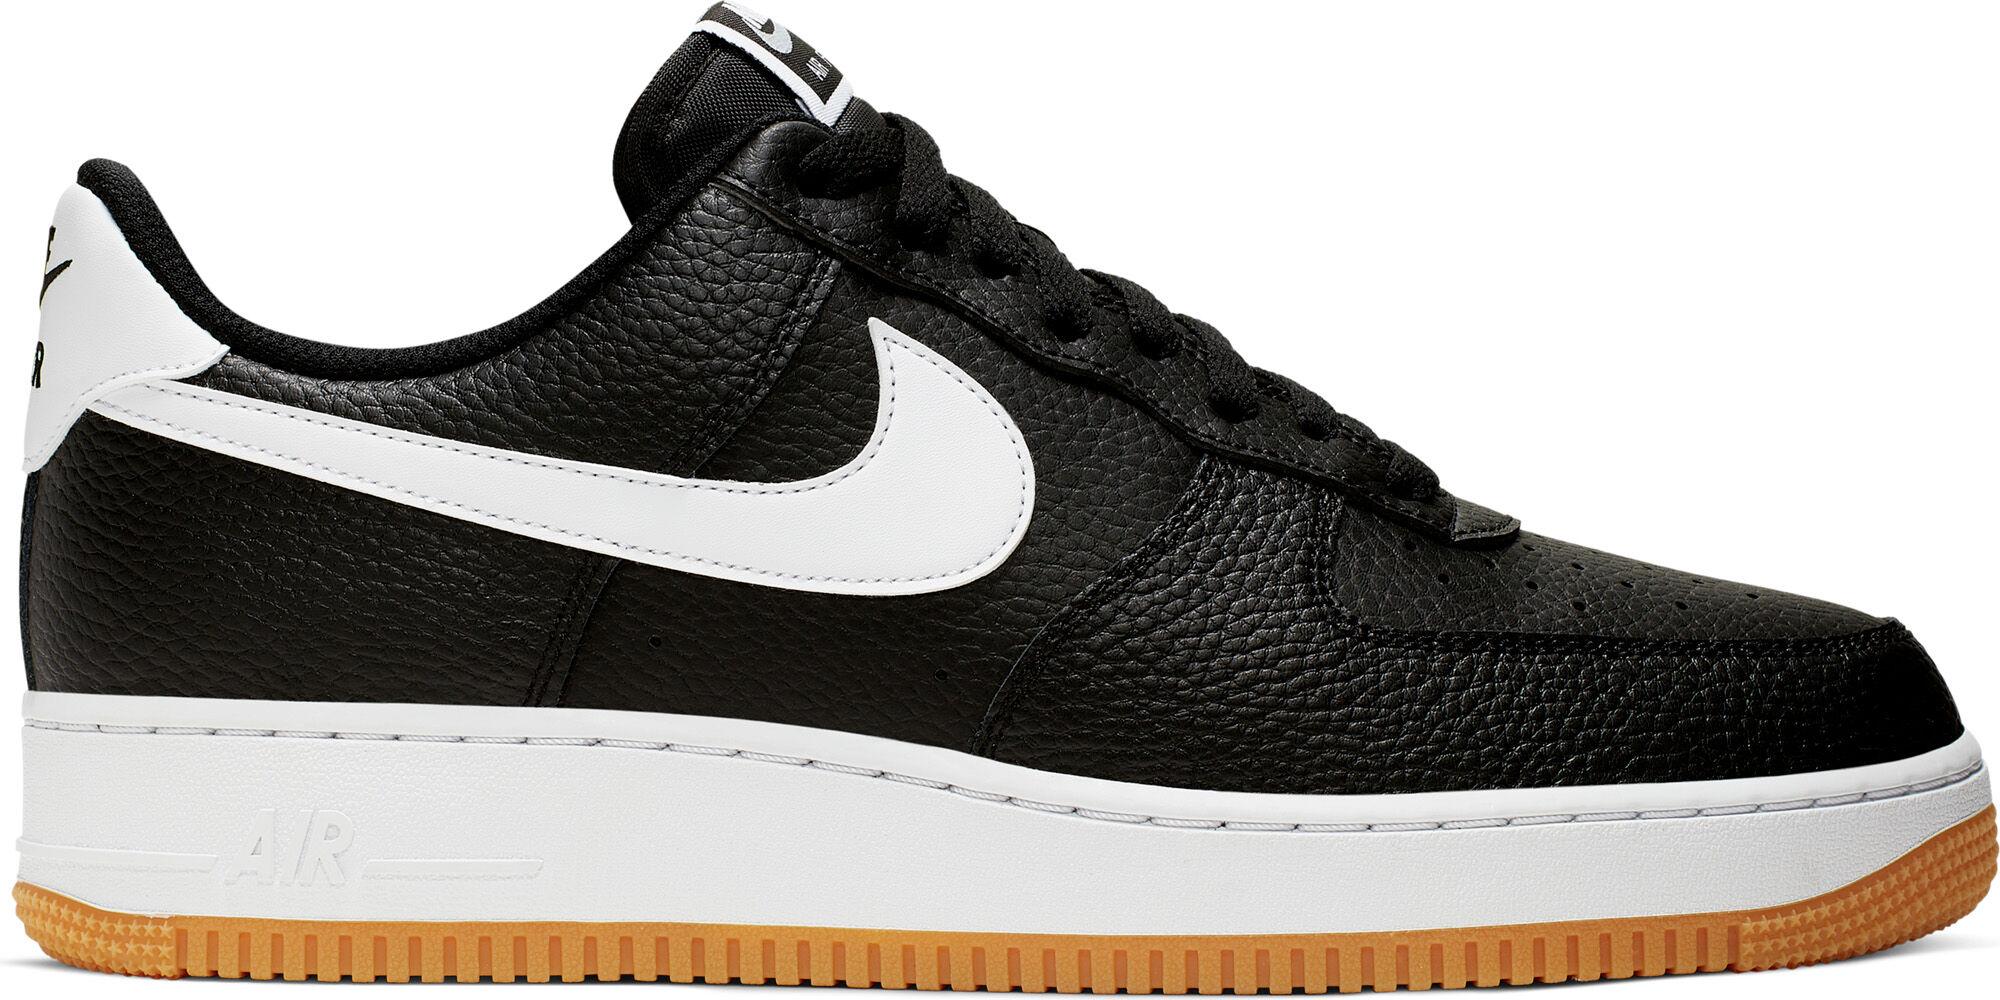 Shoes Nike Air Max Graviton M AT4525 003